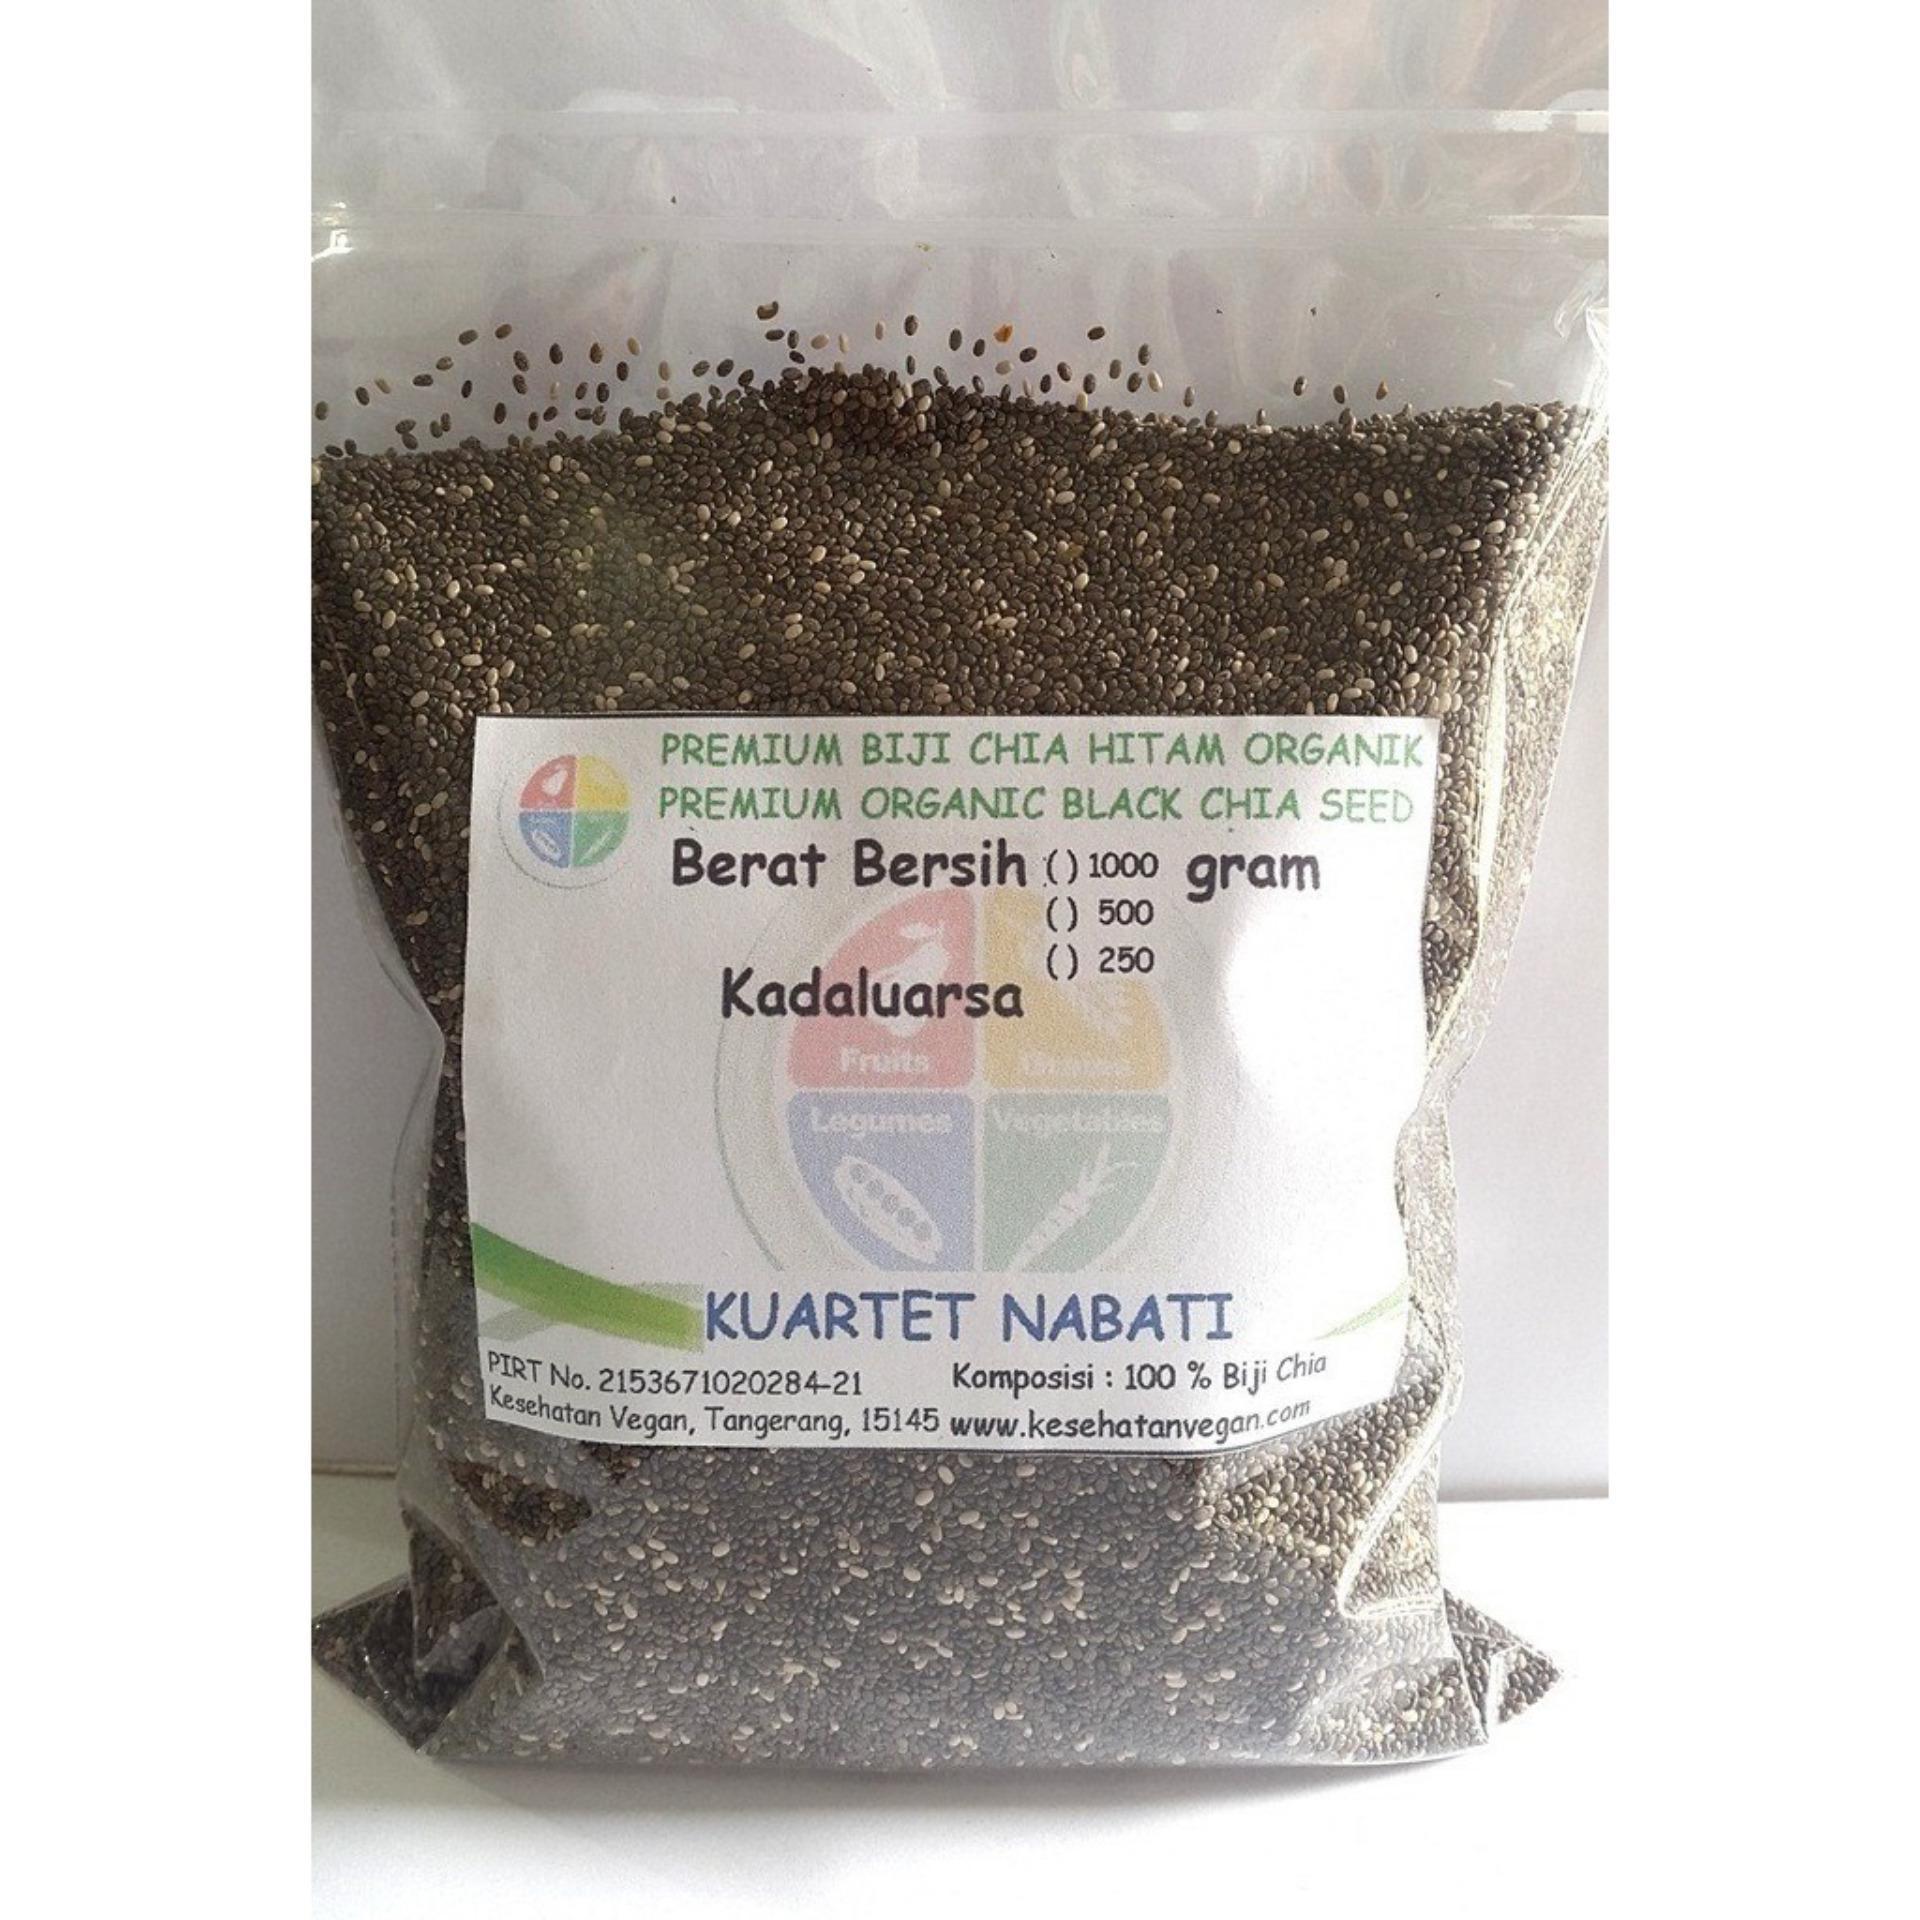 Spesifikasi Kuartet Nabati Premium Organic Black Chia Seed Premium Biji Chia Hitam Organik 250 Gr Dan Harga